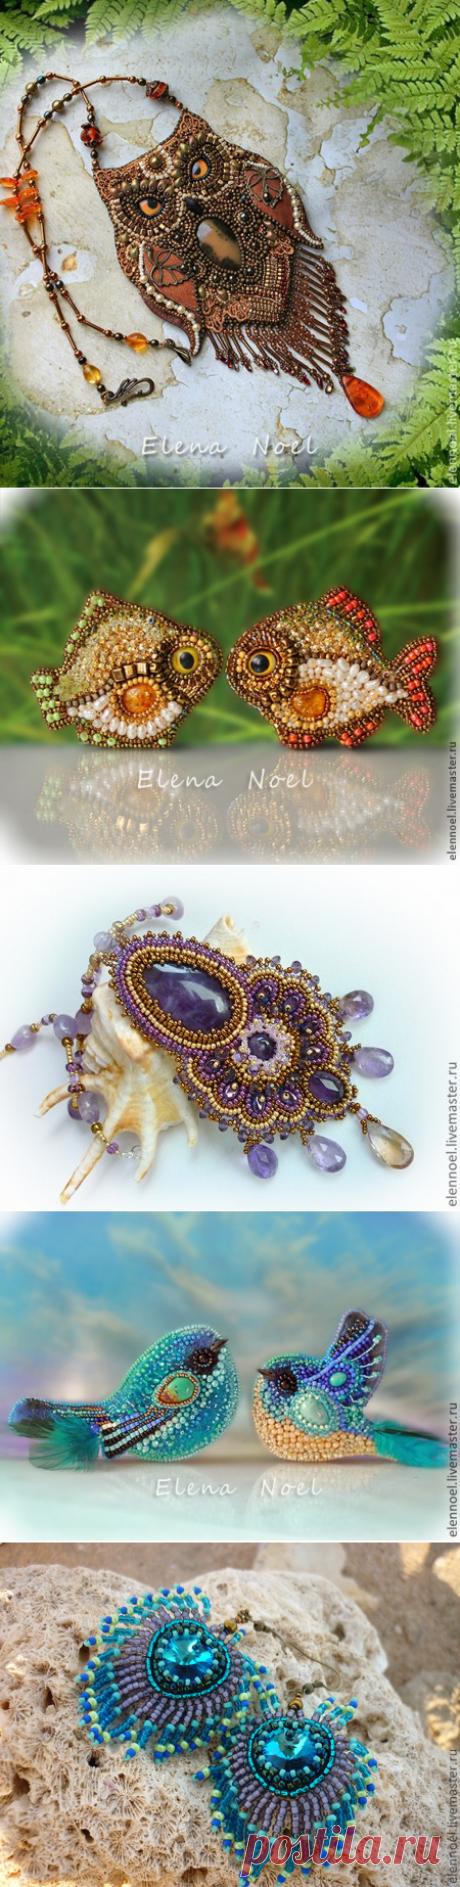 Бисерные украшения талантливой мастерицы — Делаем руками